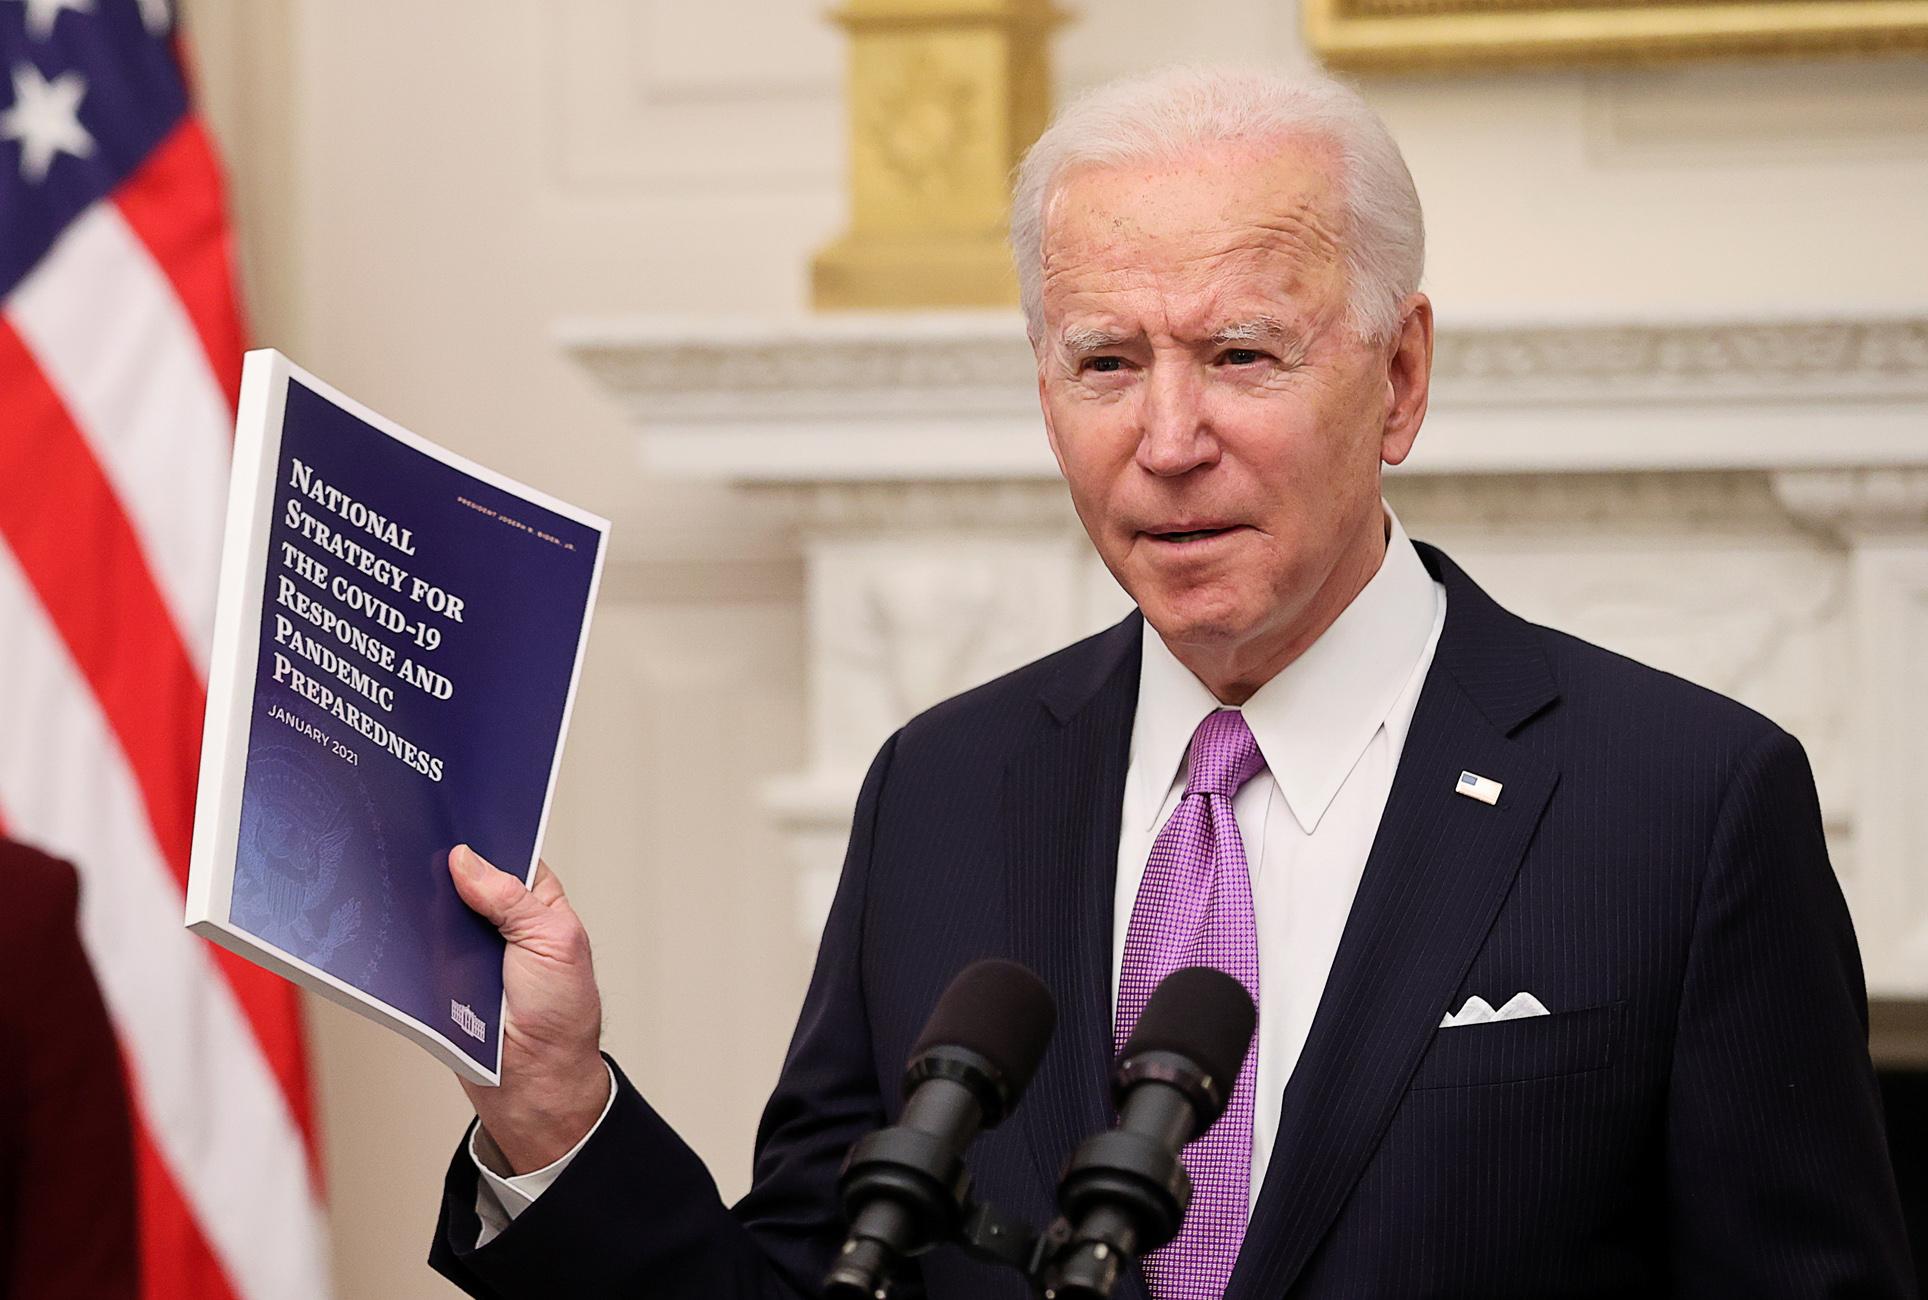 Τζο Μπάιντεν: Αναθεωρεί συνολικά την πολιτική των ΗΠΑ για τη Μέση Ανατολή